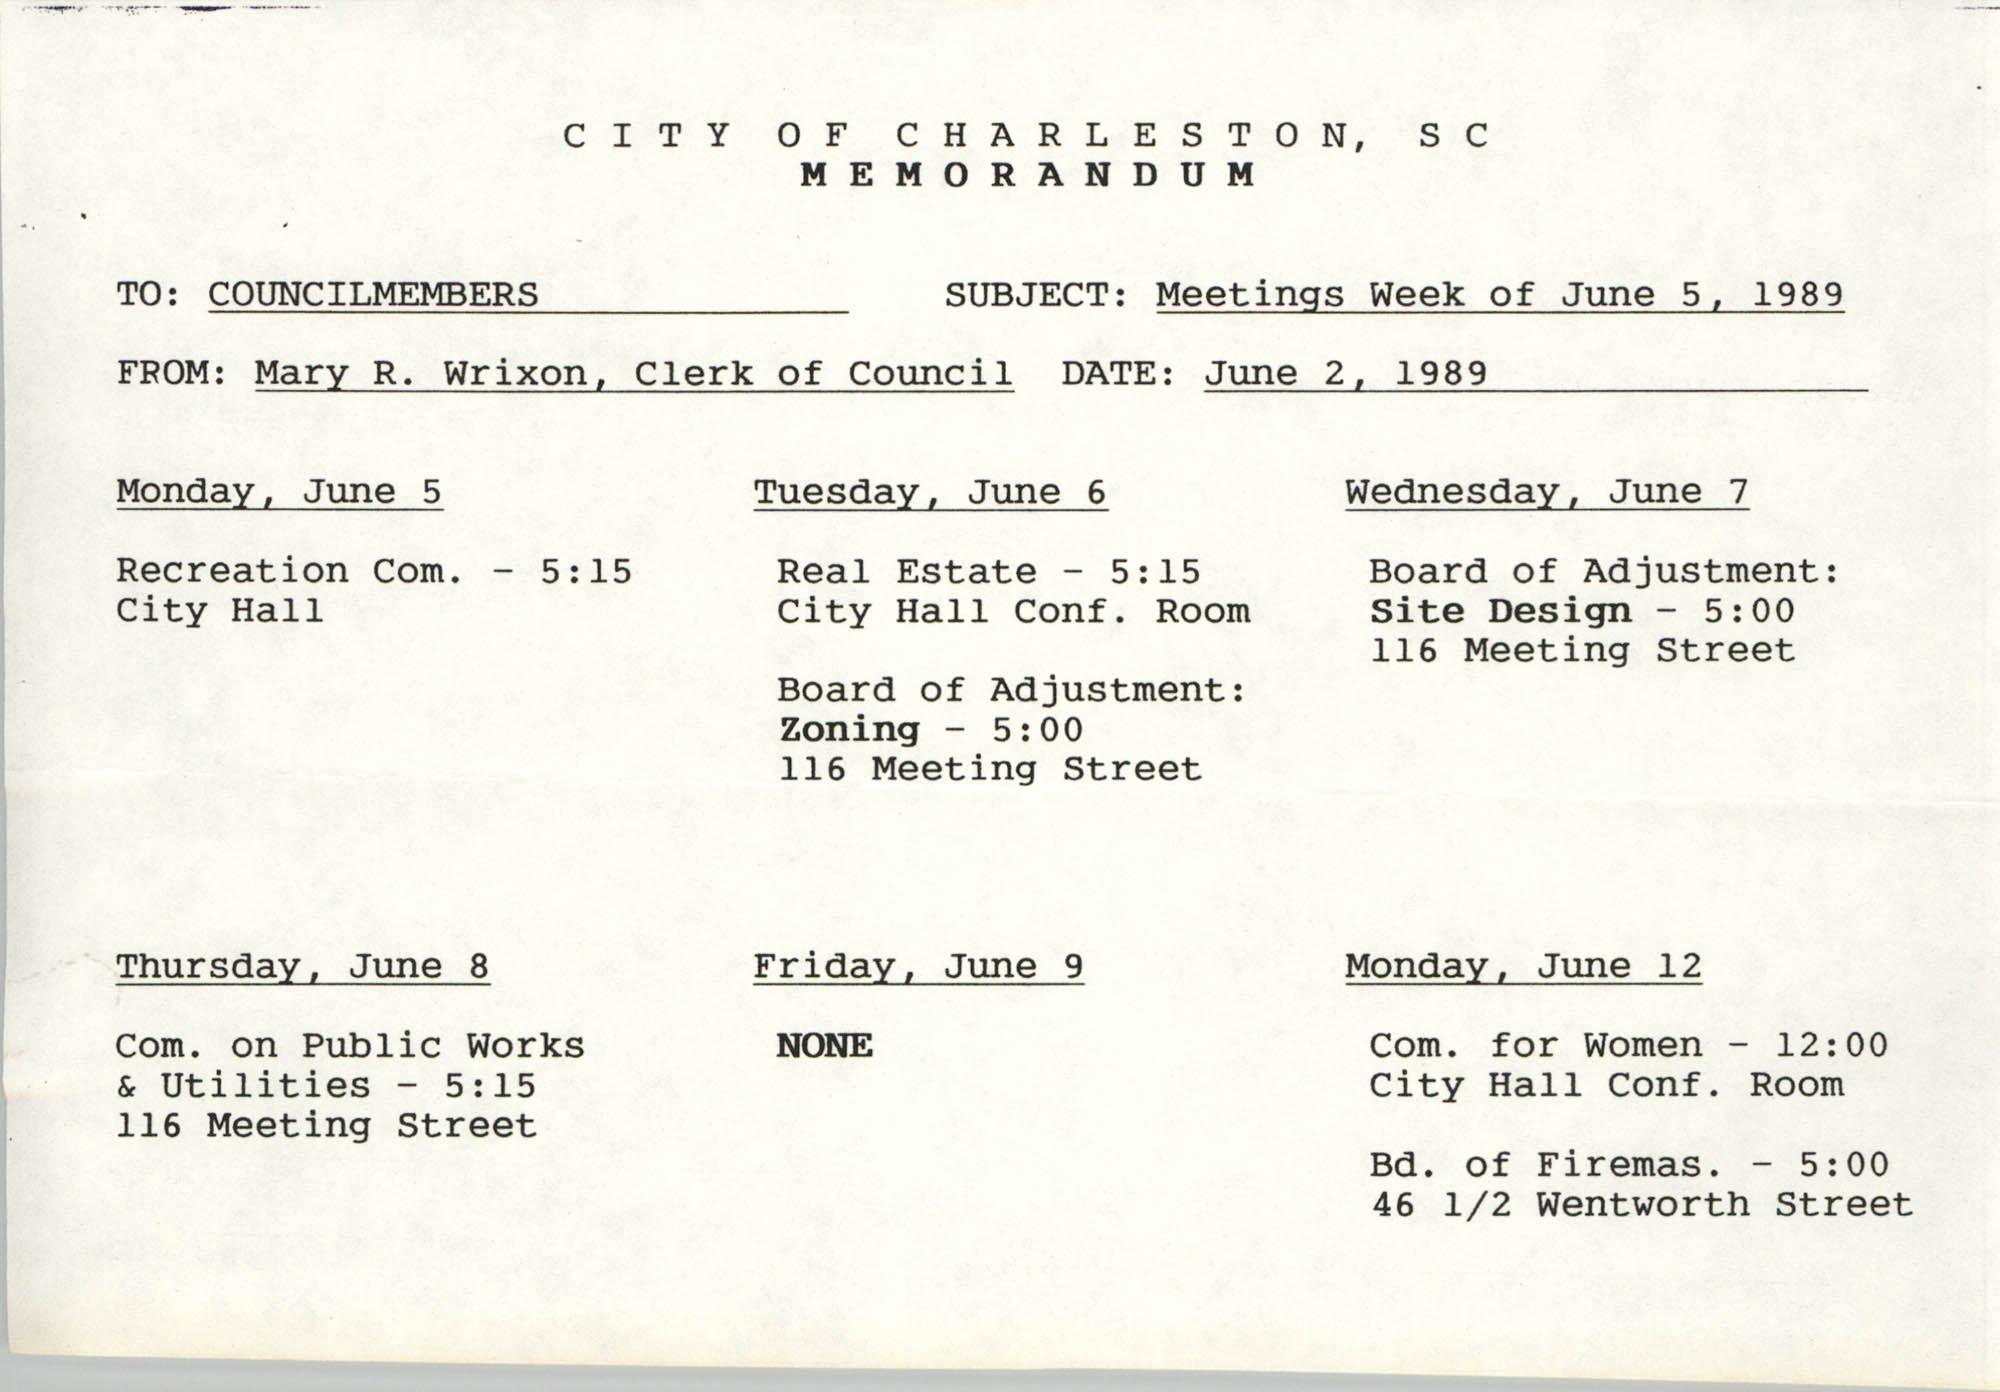 City of Charleston Memorandum, June 2, 1989